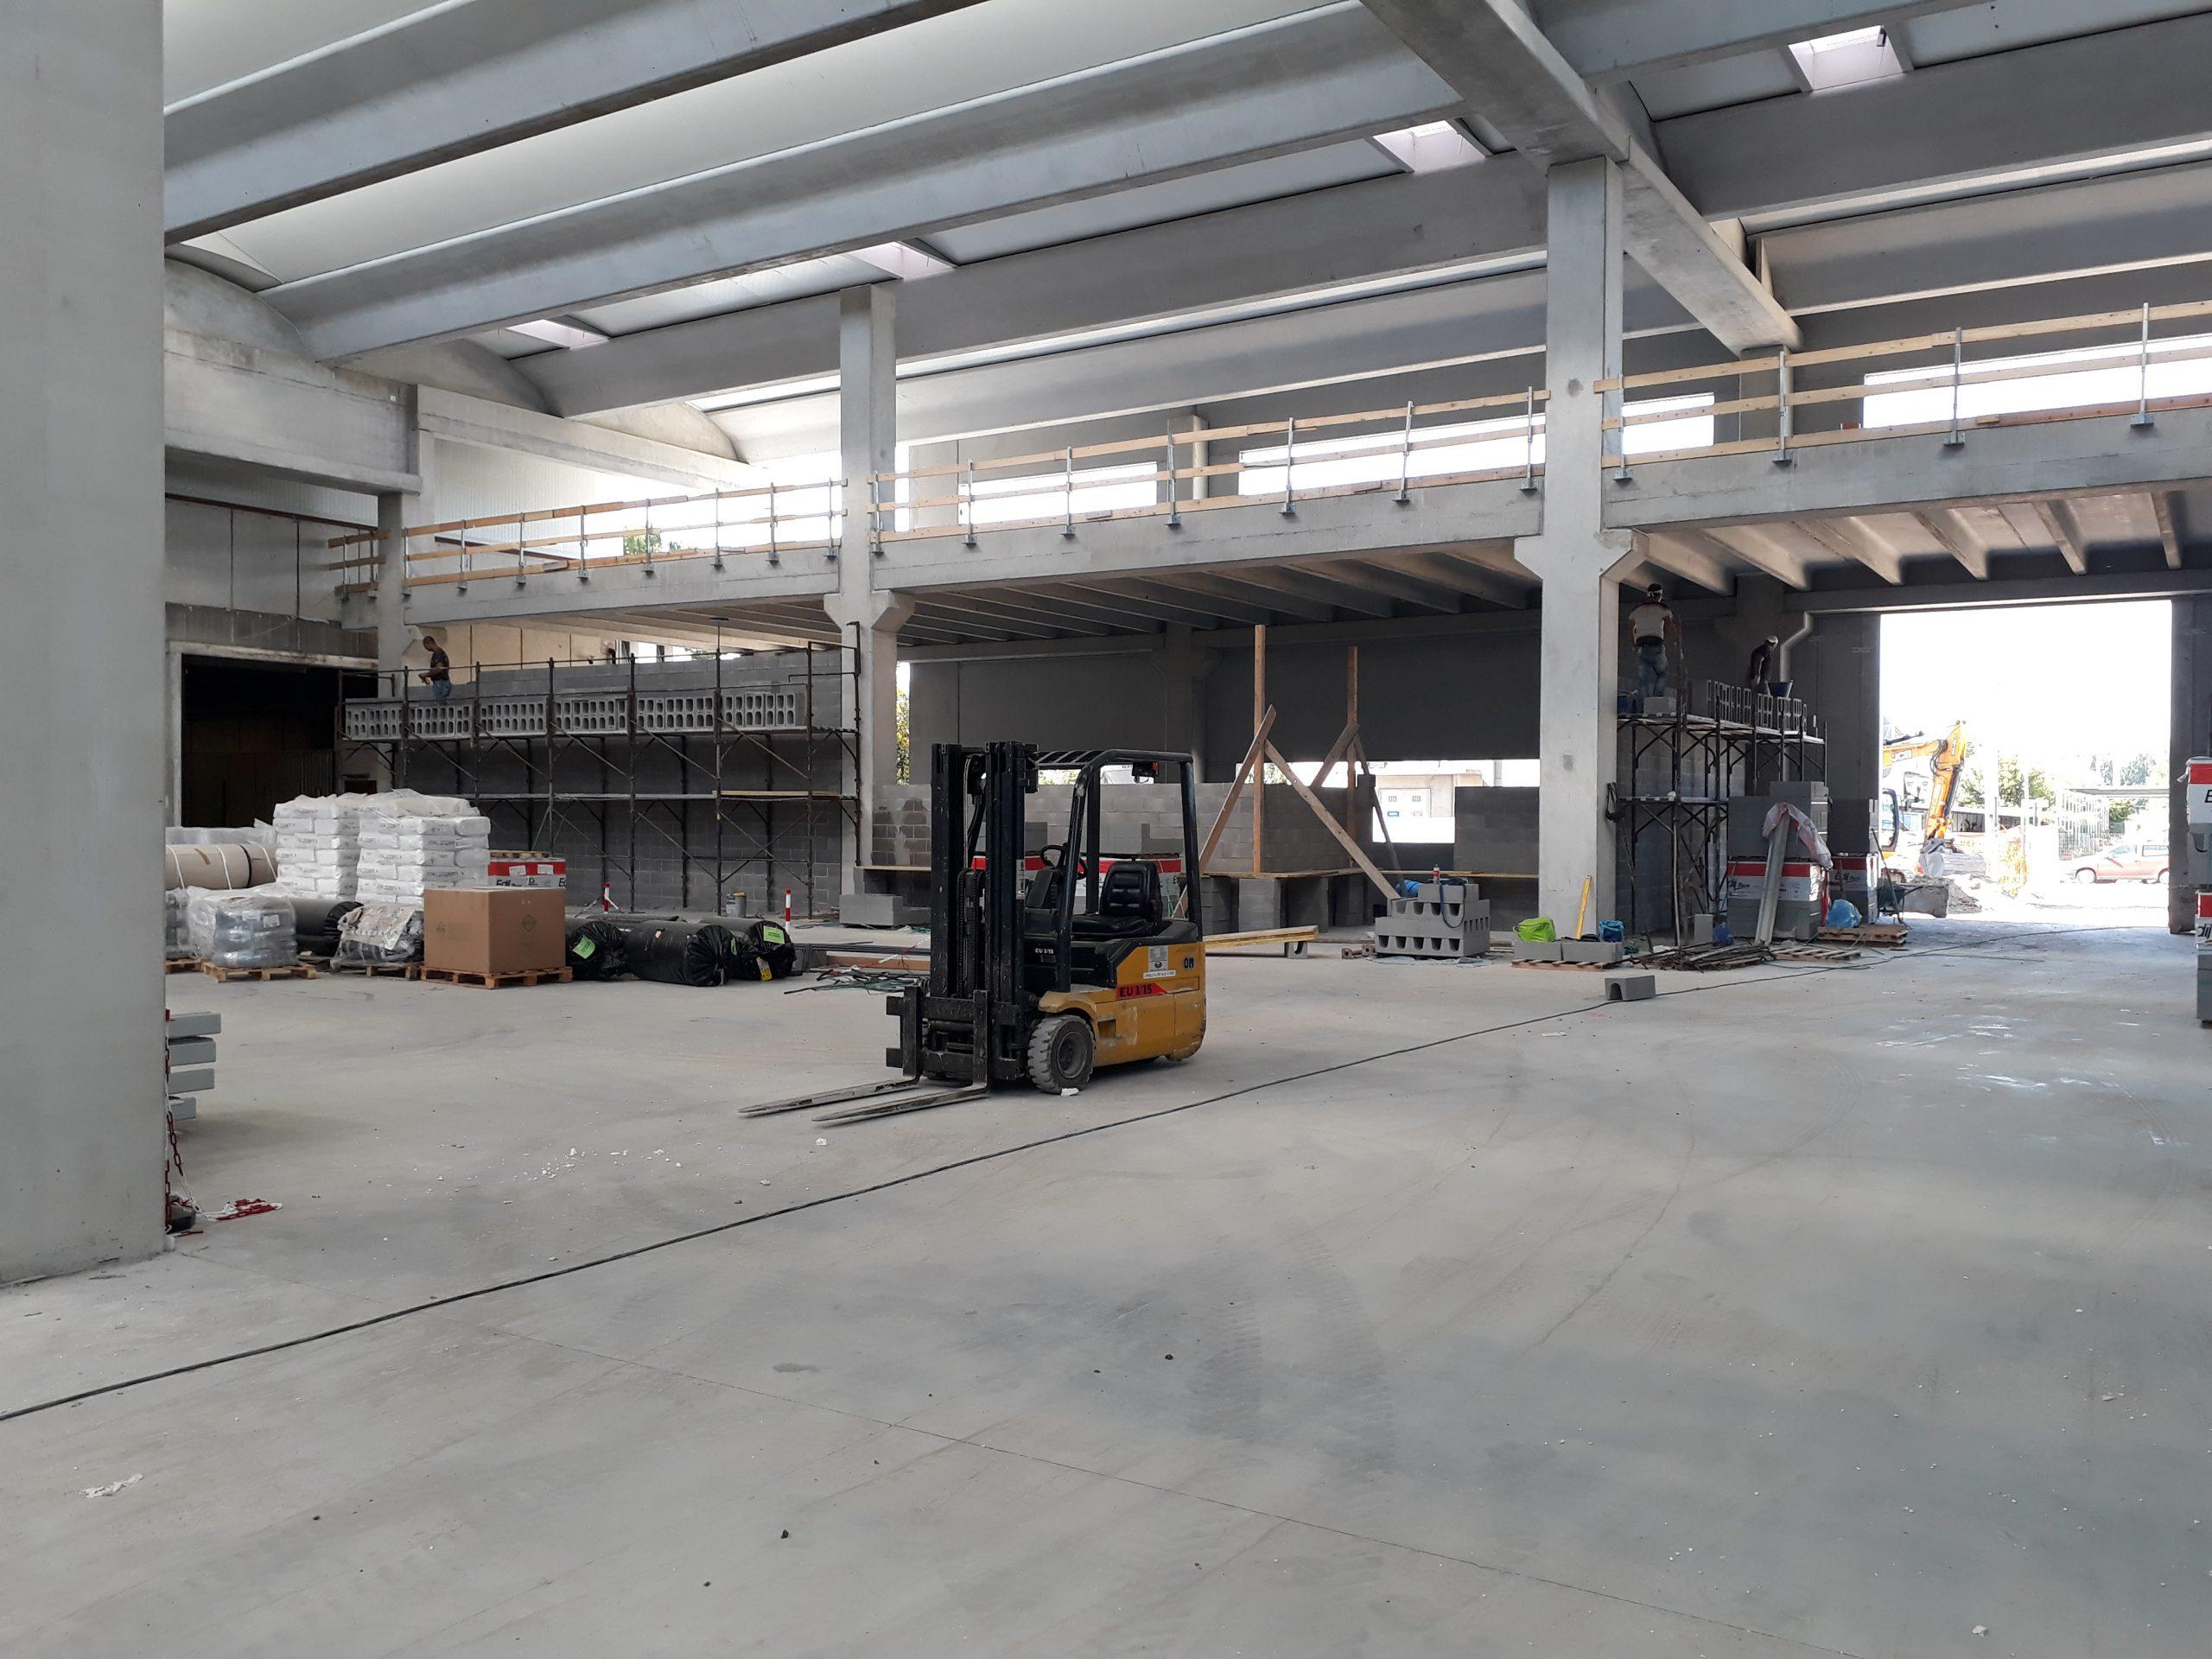 Lavori di ampliamento di un capannone ad uso artigiano industriale.